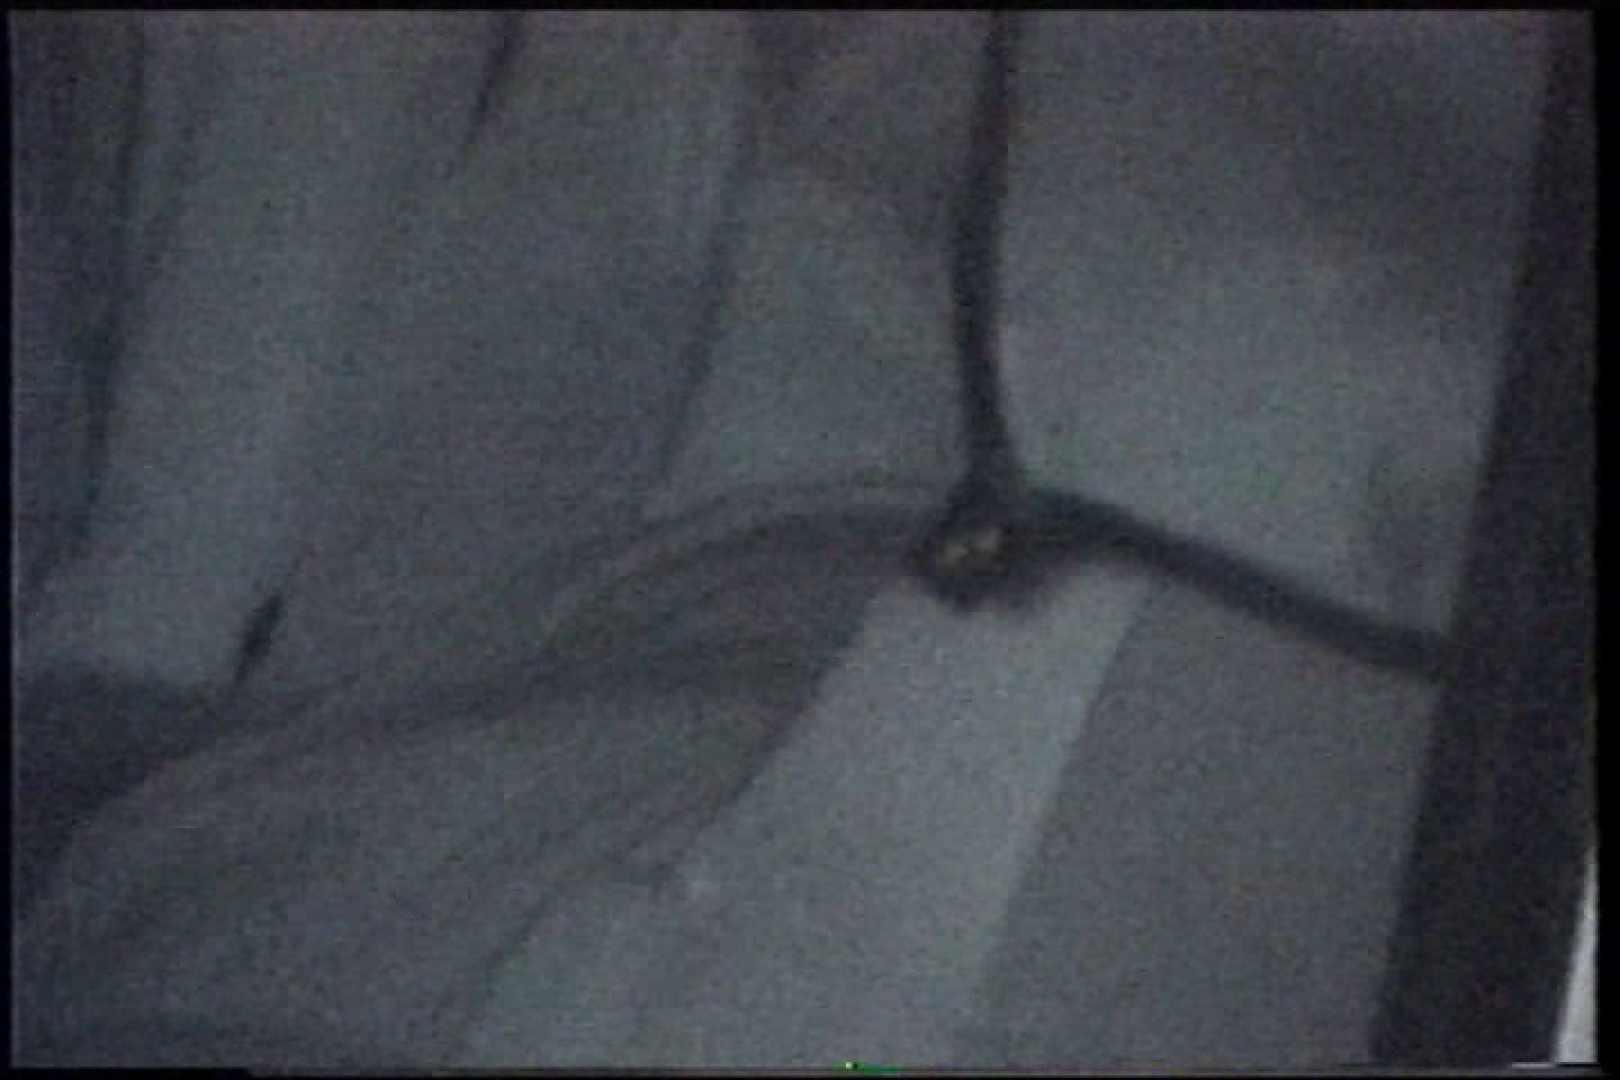 充血監督の深夜の運動会Vol.211 おっぱい   OLエロ画像  100PICs 99